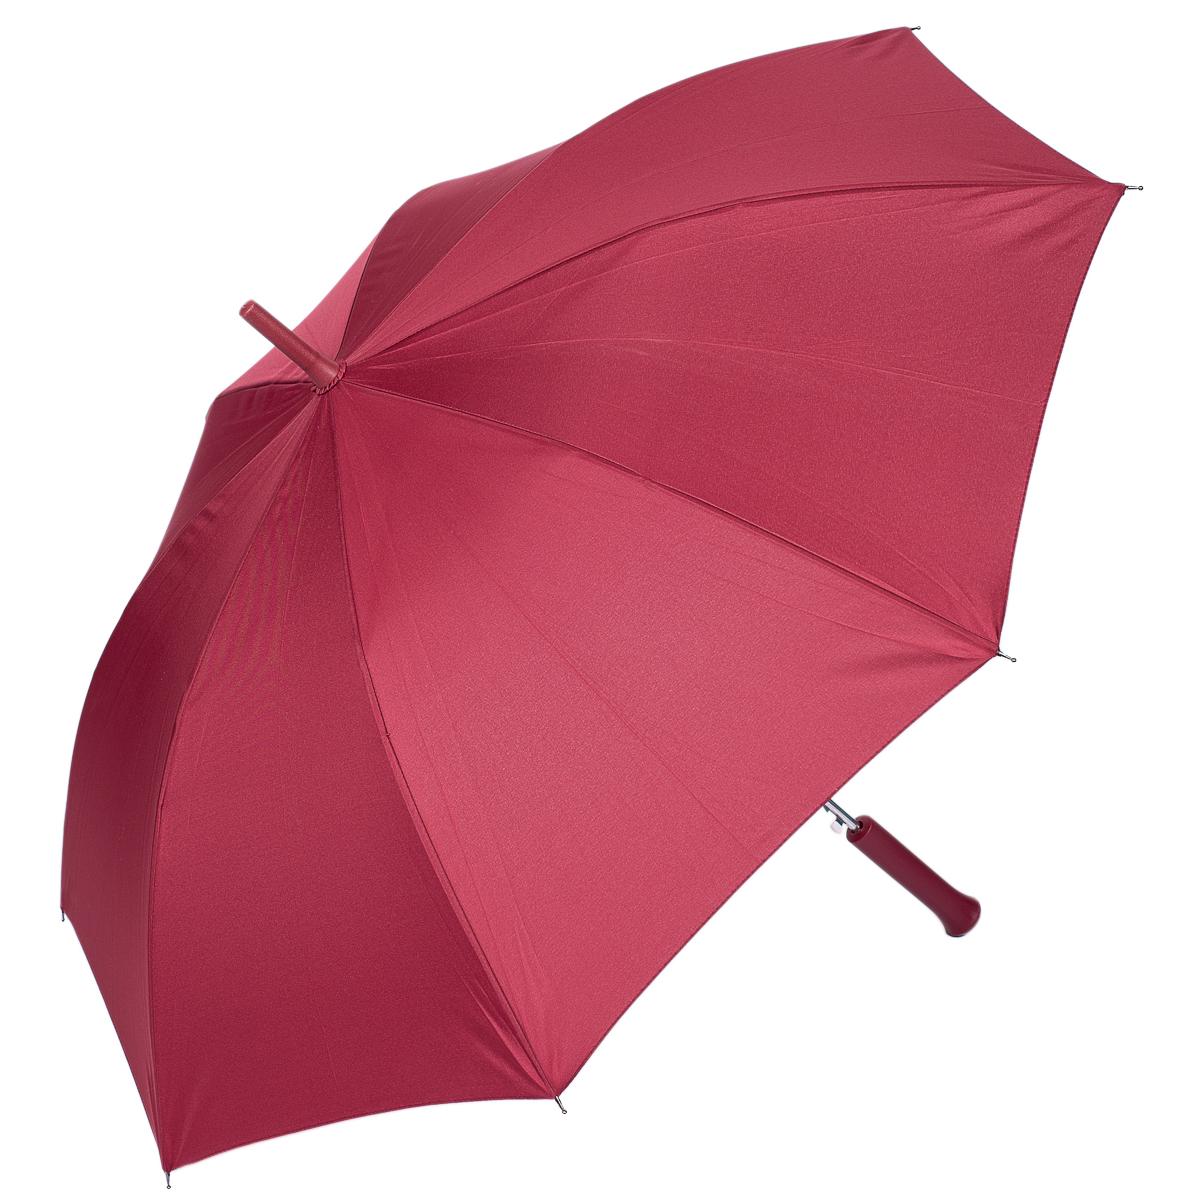 Зонт-трость женский Nuages, цвет: бордовый. NZ1240/5bordo45100738/18076/4D00NЗонт - трость. Однотонный. 8 спиц. Автоматическое открытие.